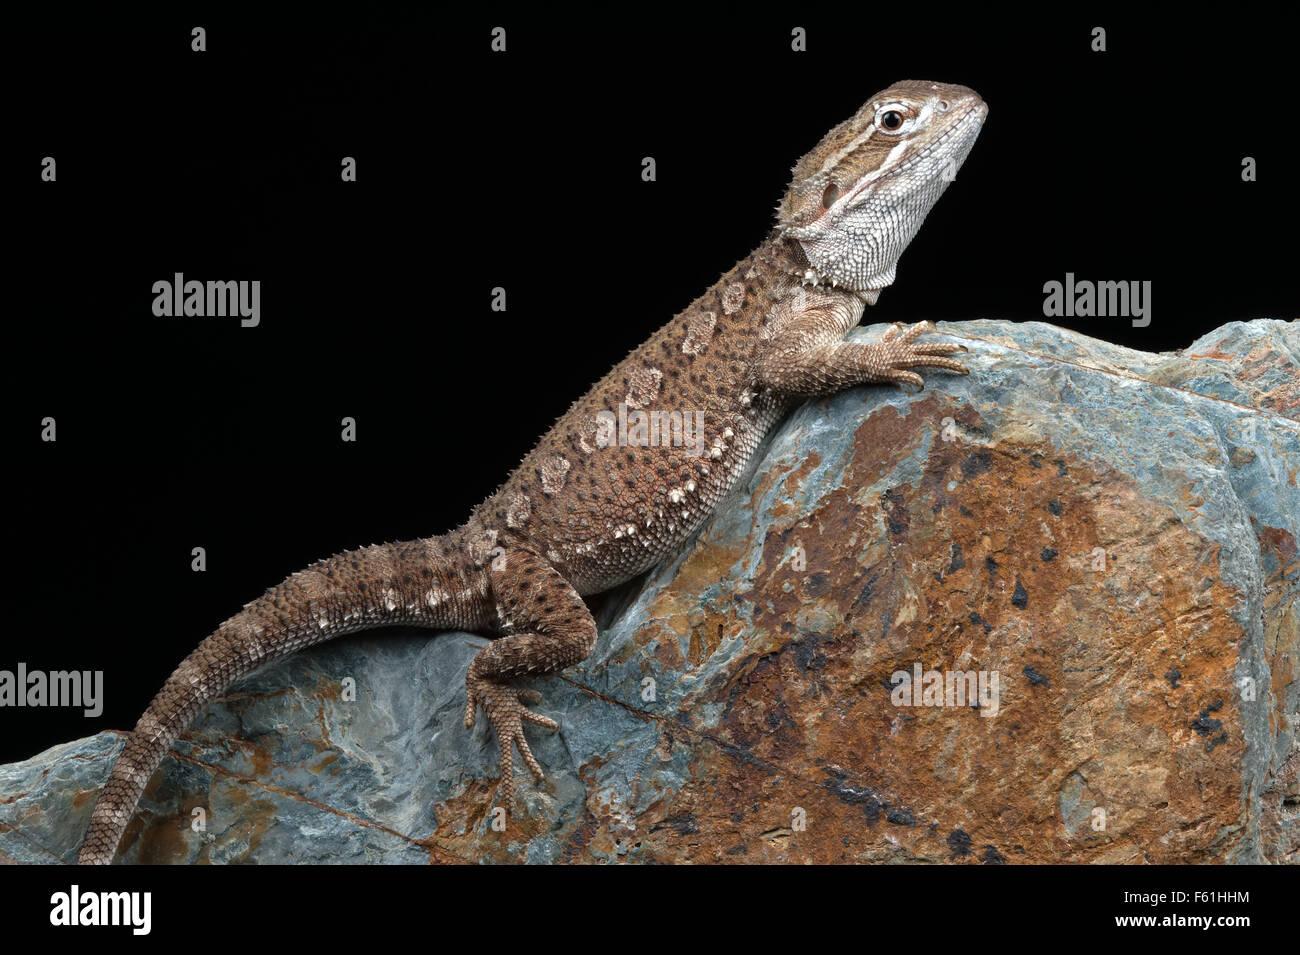 Rankin's Dragon (Pogona Henrylawsoni) - Stock Image